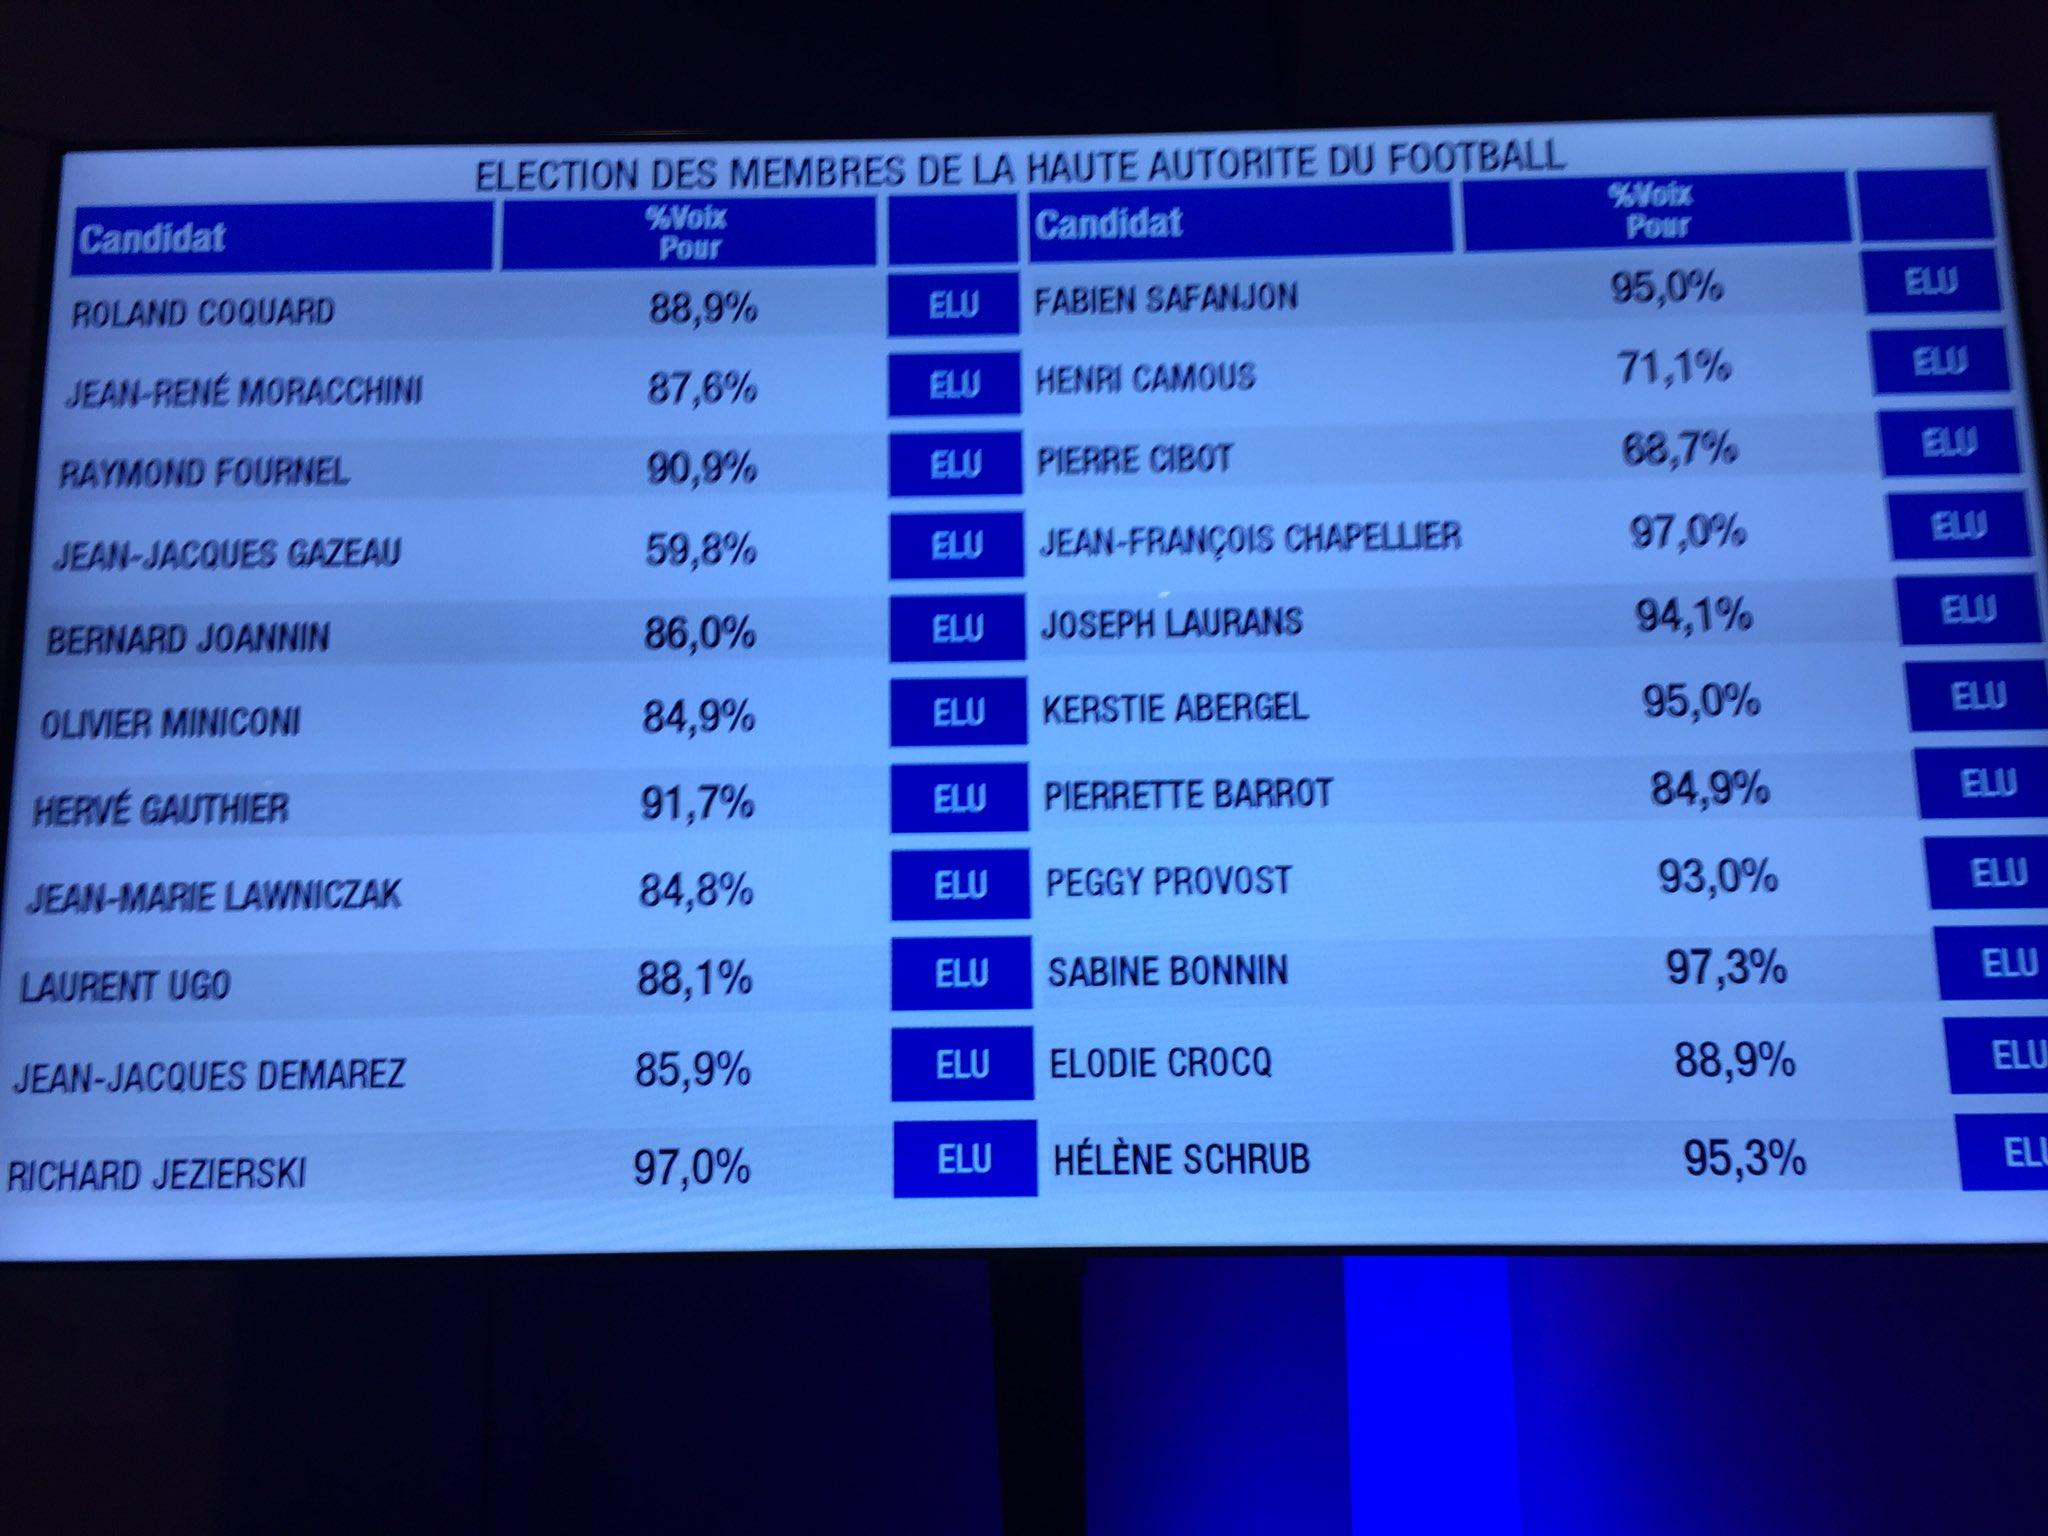 #FFF - Noël LE GRAET réélu à la présidence de la FFF, Brigitte HENRIQUES à la vice-Présidence, Laura GEORGES, secrétaire générale